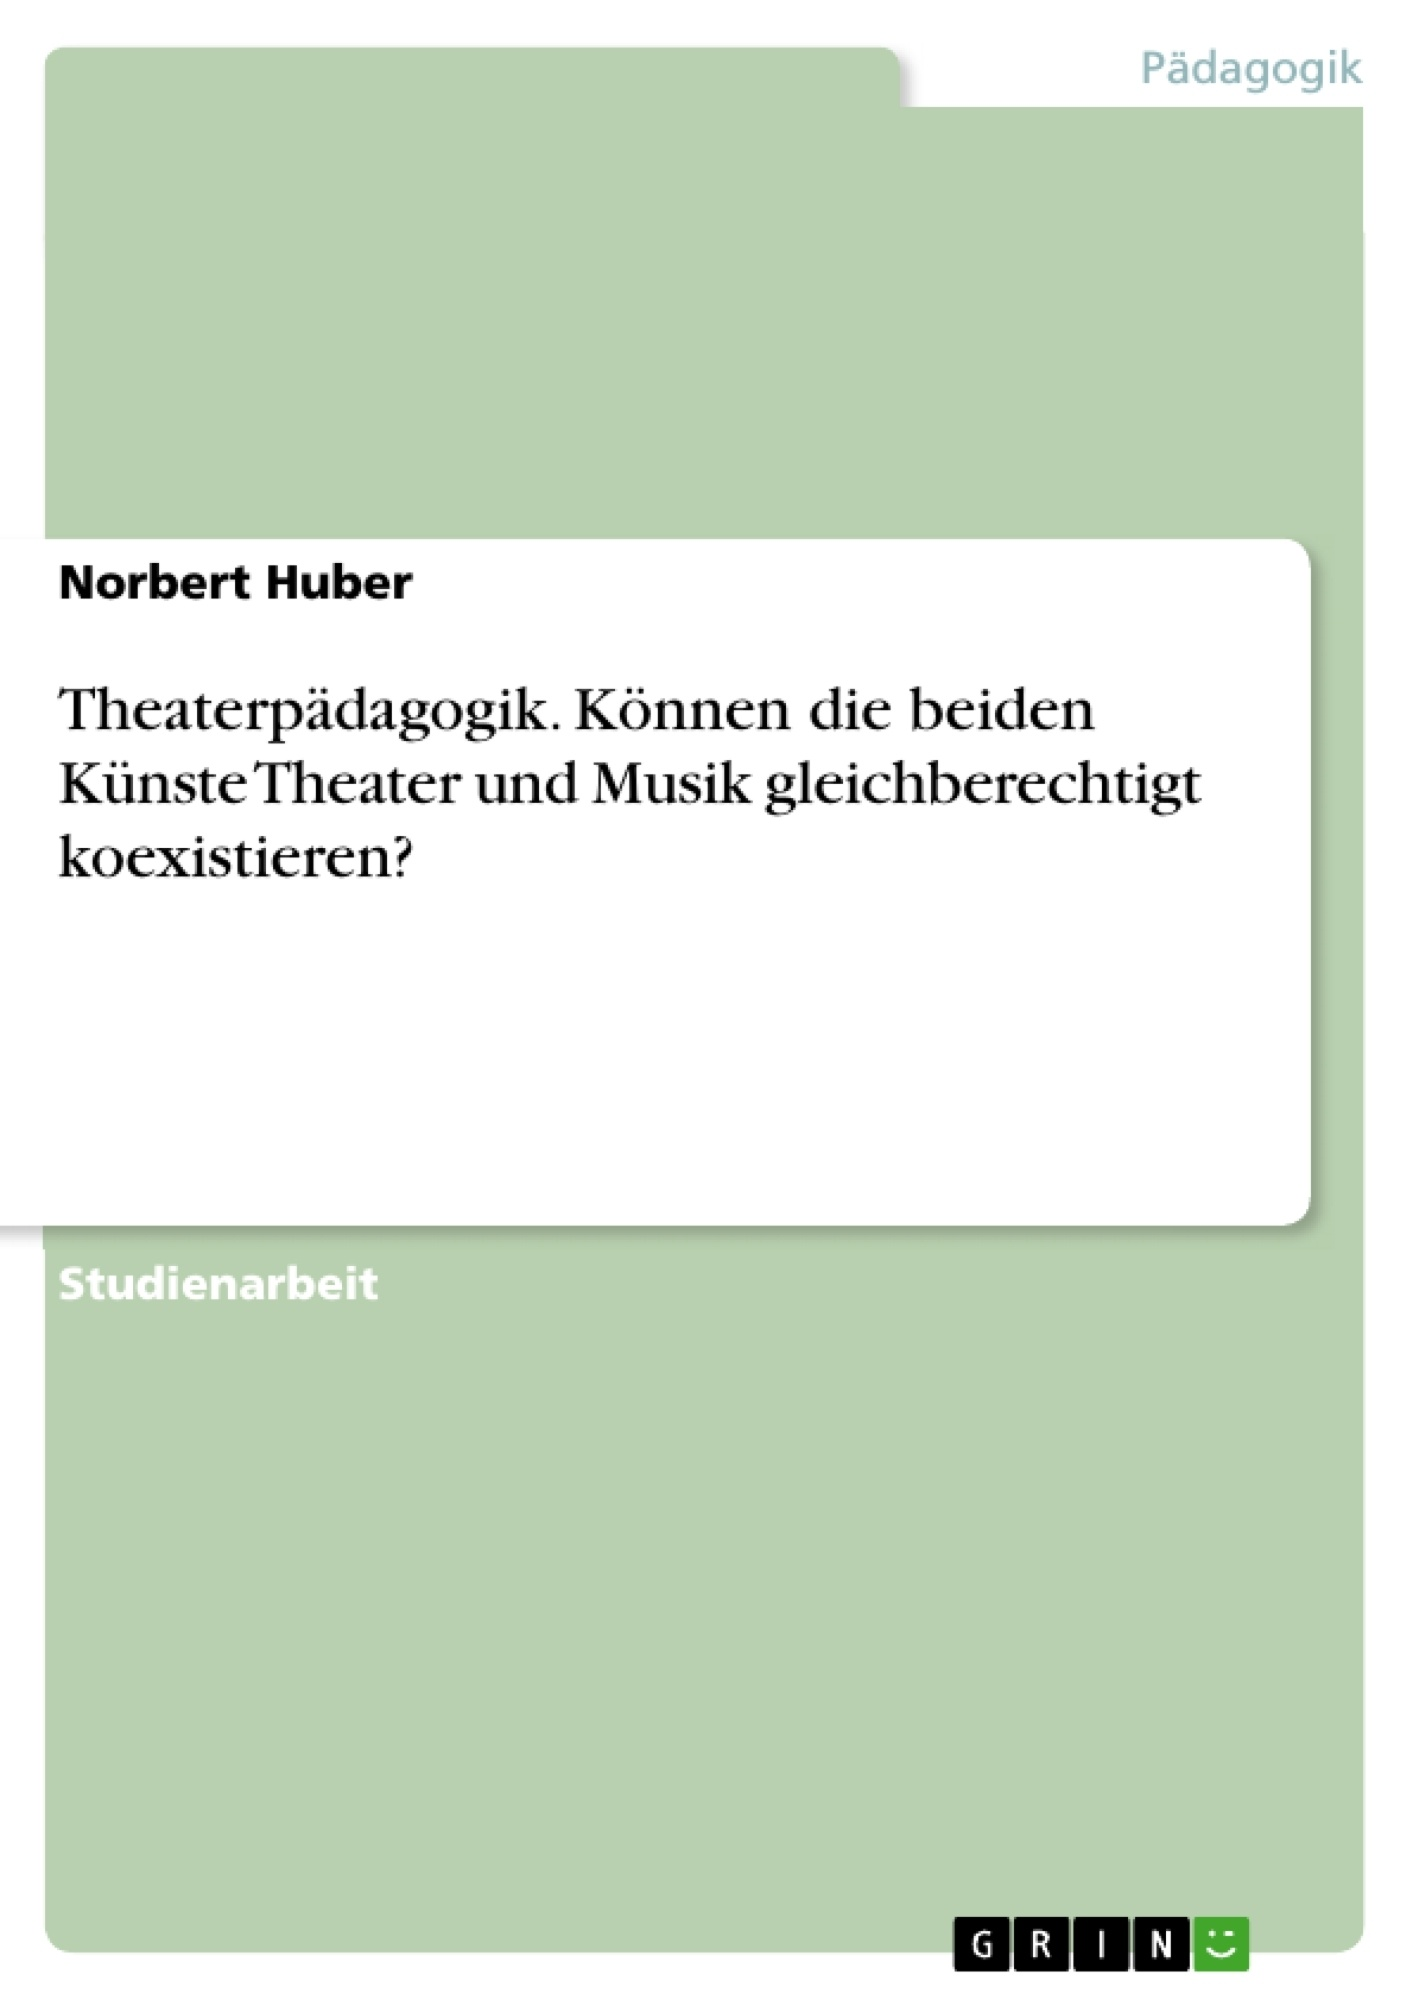 Titel: Theaterpädagogik. Können die beiden Künste Theater und Musik gleichberechtigt koexistieren?